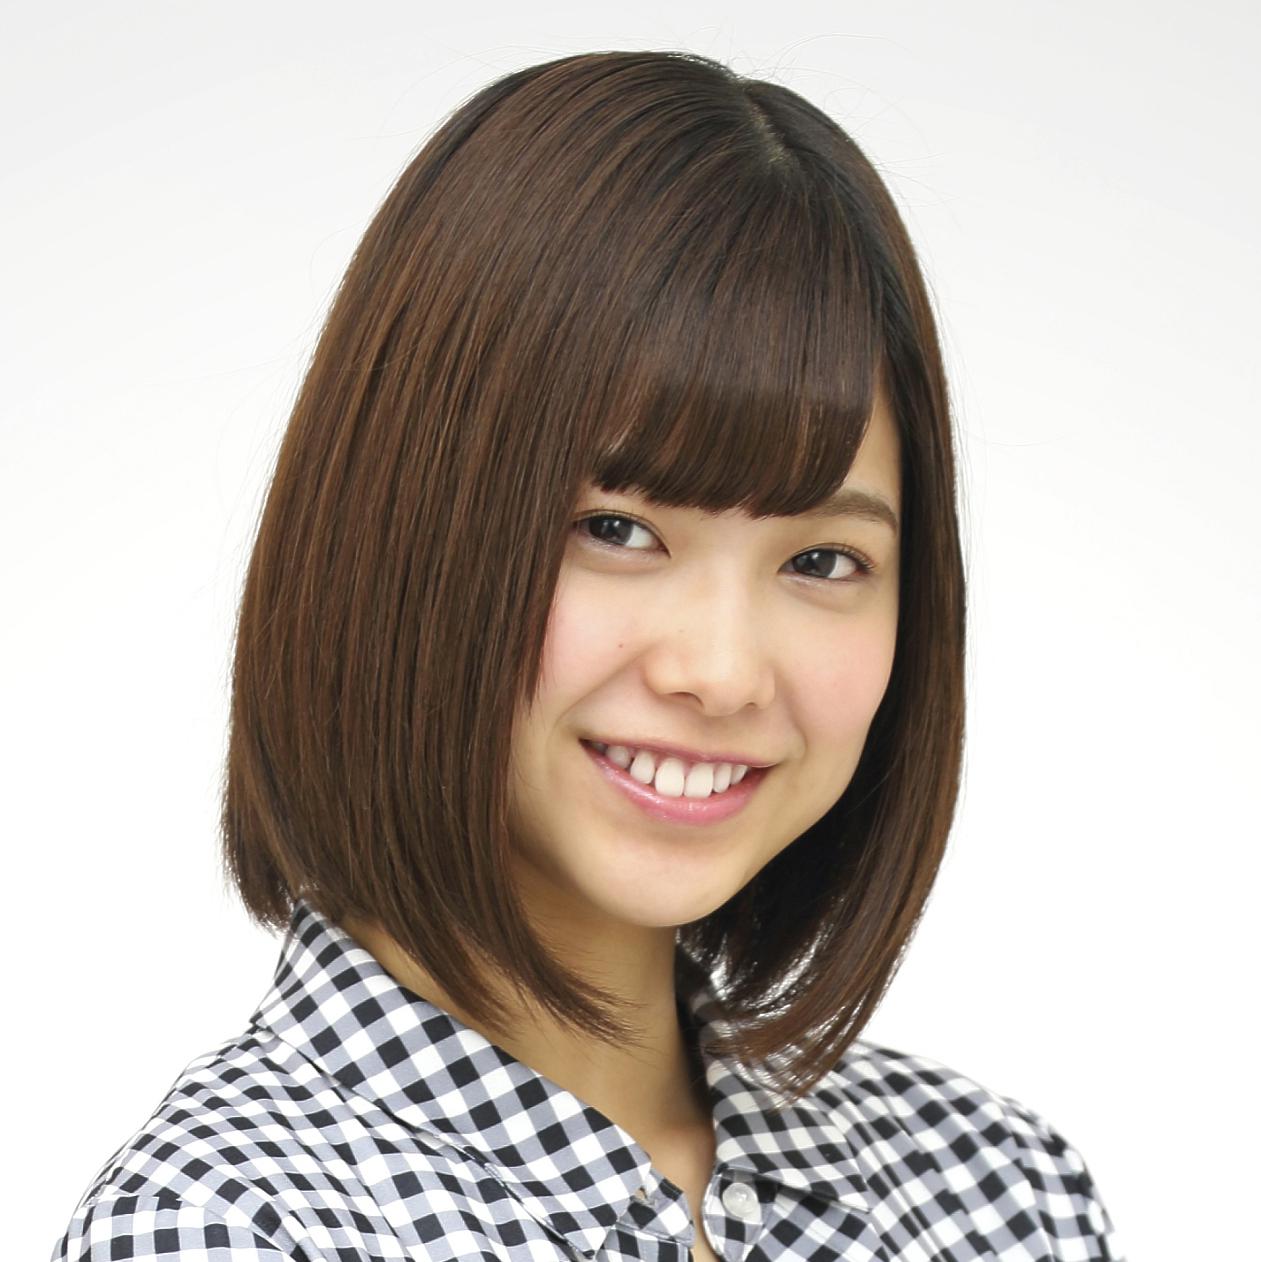 欅坂46メンバーが語る!「なんでもBEST3」<br />第19回 渡邉理佐さんの『休みの日、一緒にショッピングに行きたいメンバーBEST3』